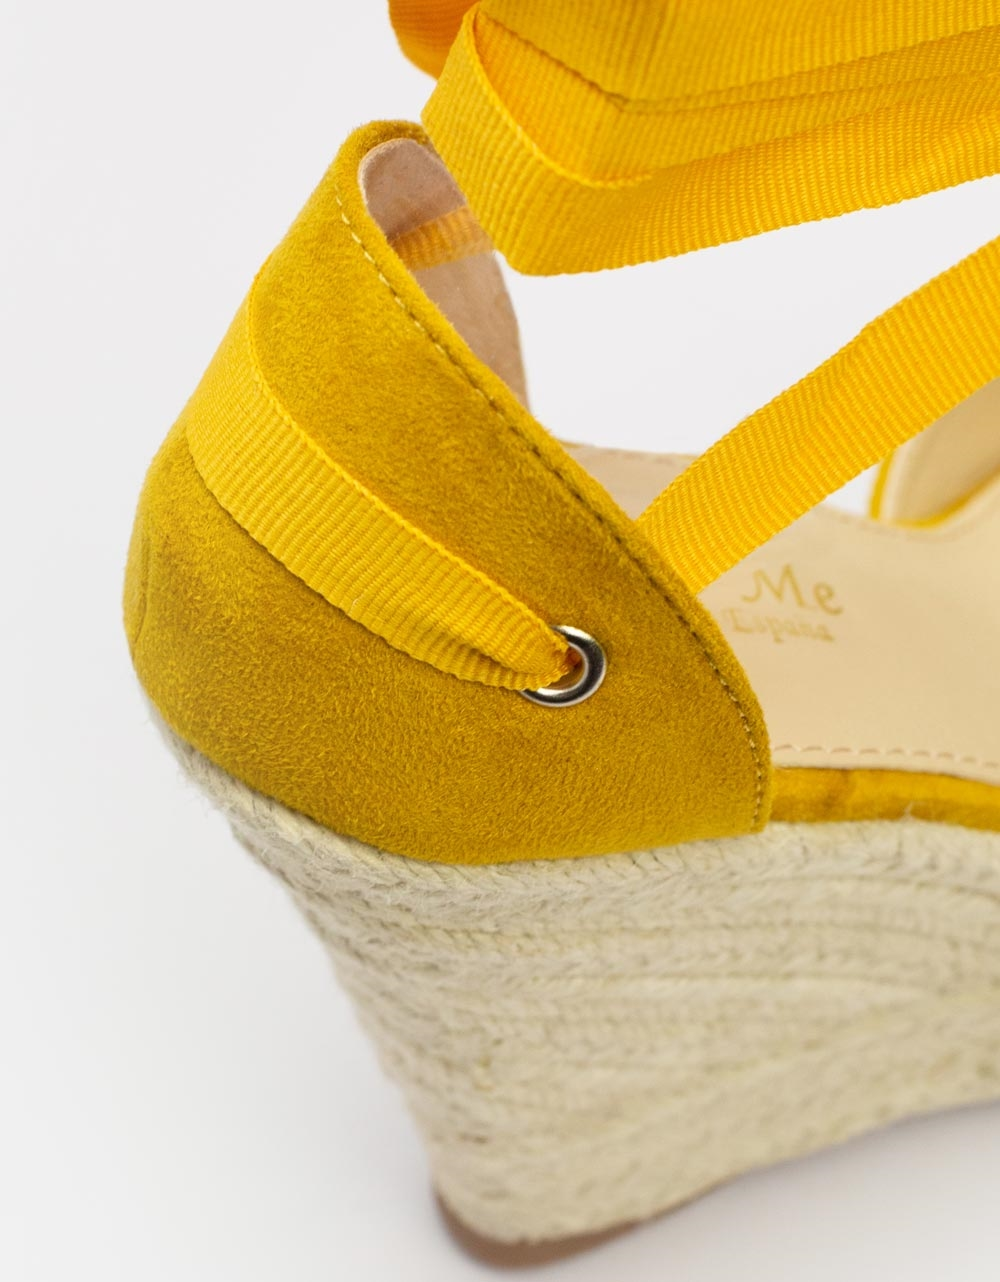 Εικόνα από Γυναικείες πλατφόρμες με υφασμάτινα lace up λουριά Κίτρινο